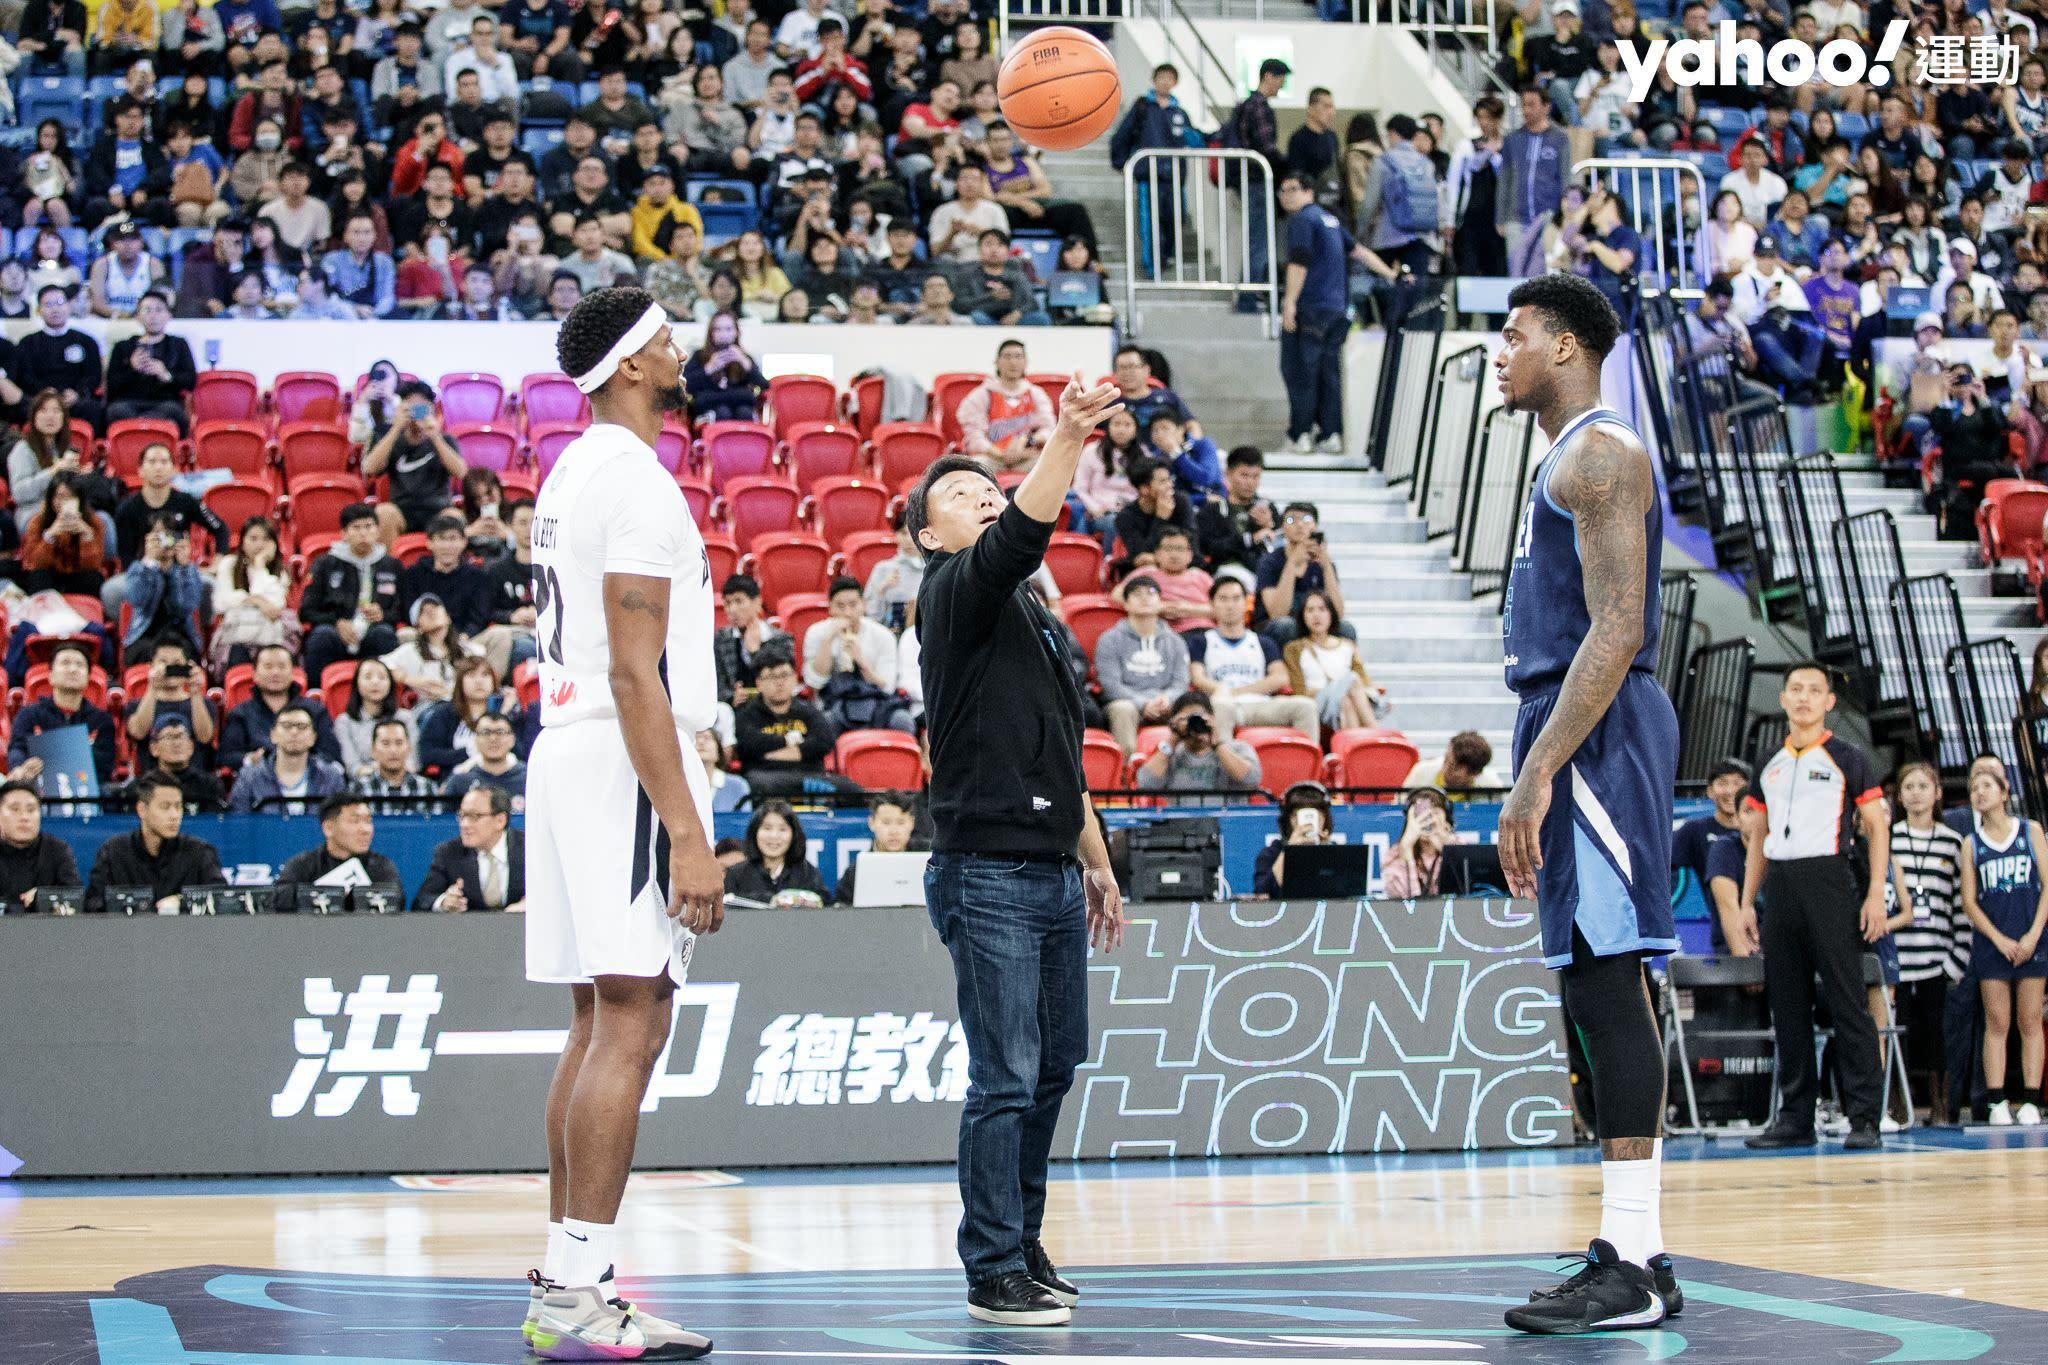 【運動專欄/李亦伸】籃球,我們都不夠好